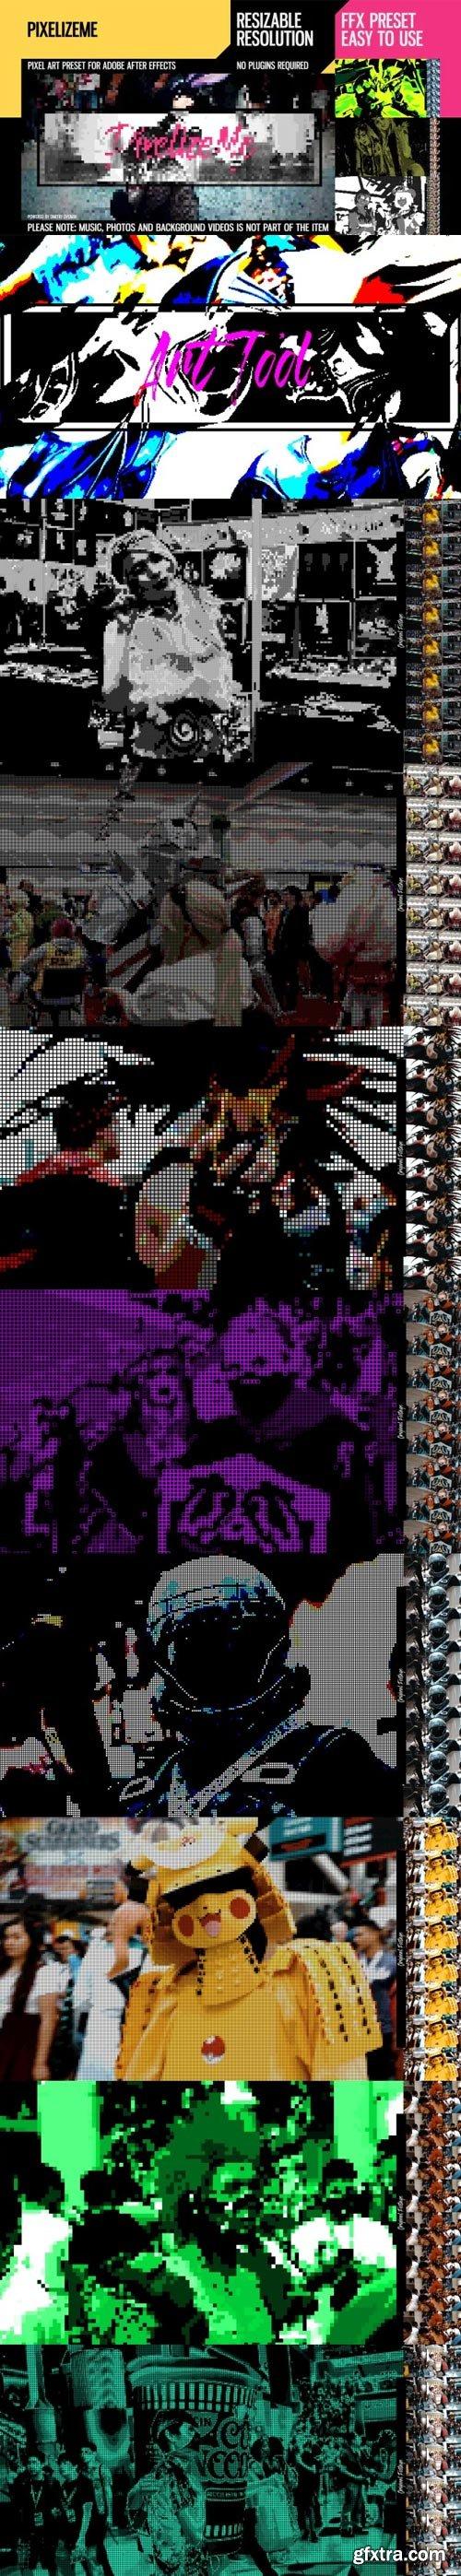 Videohive - PixelizeMe - 24458792